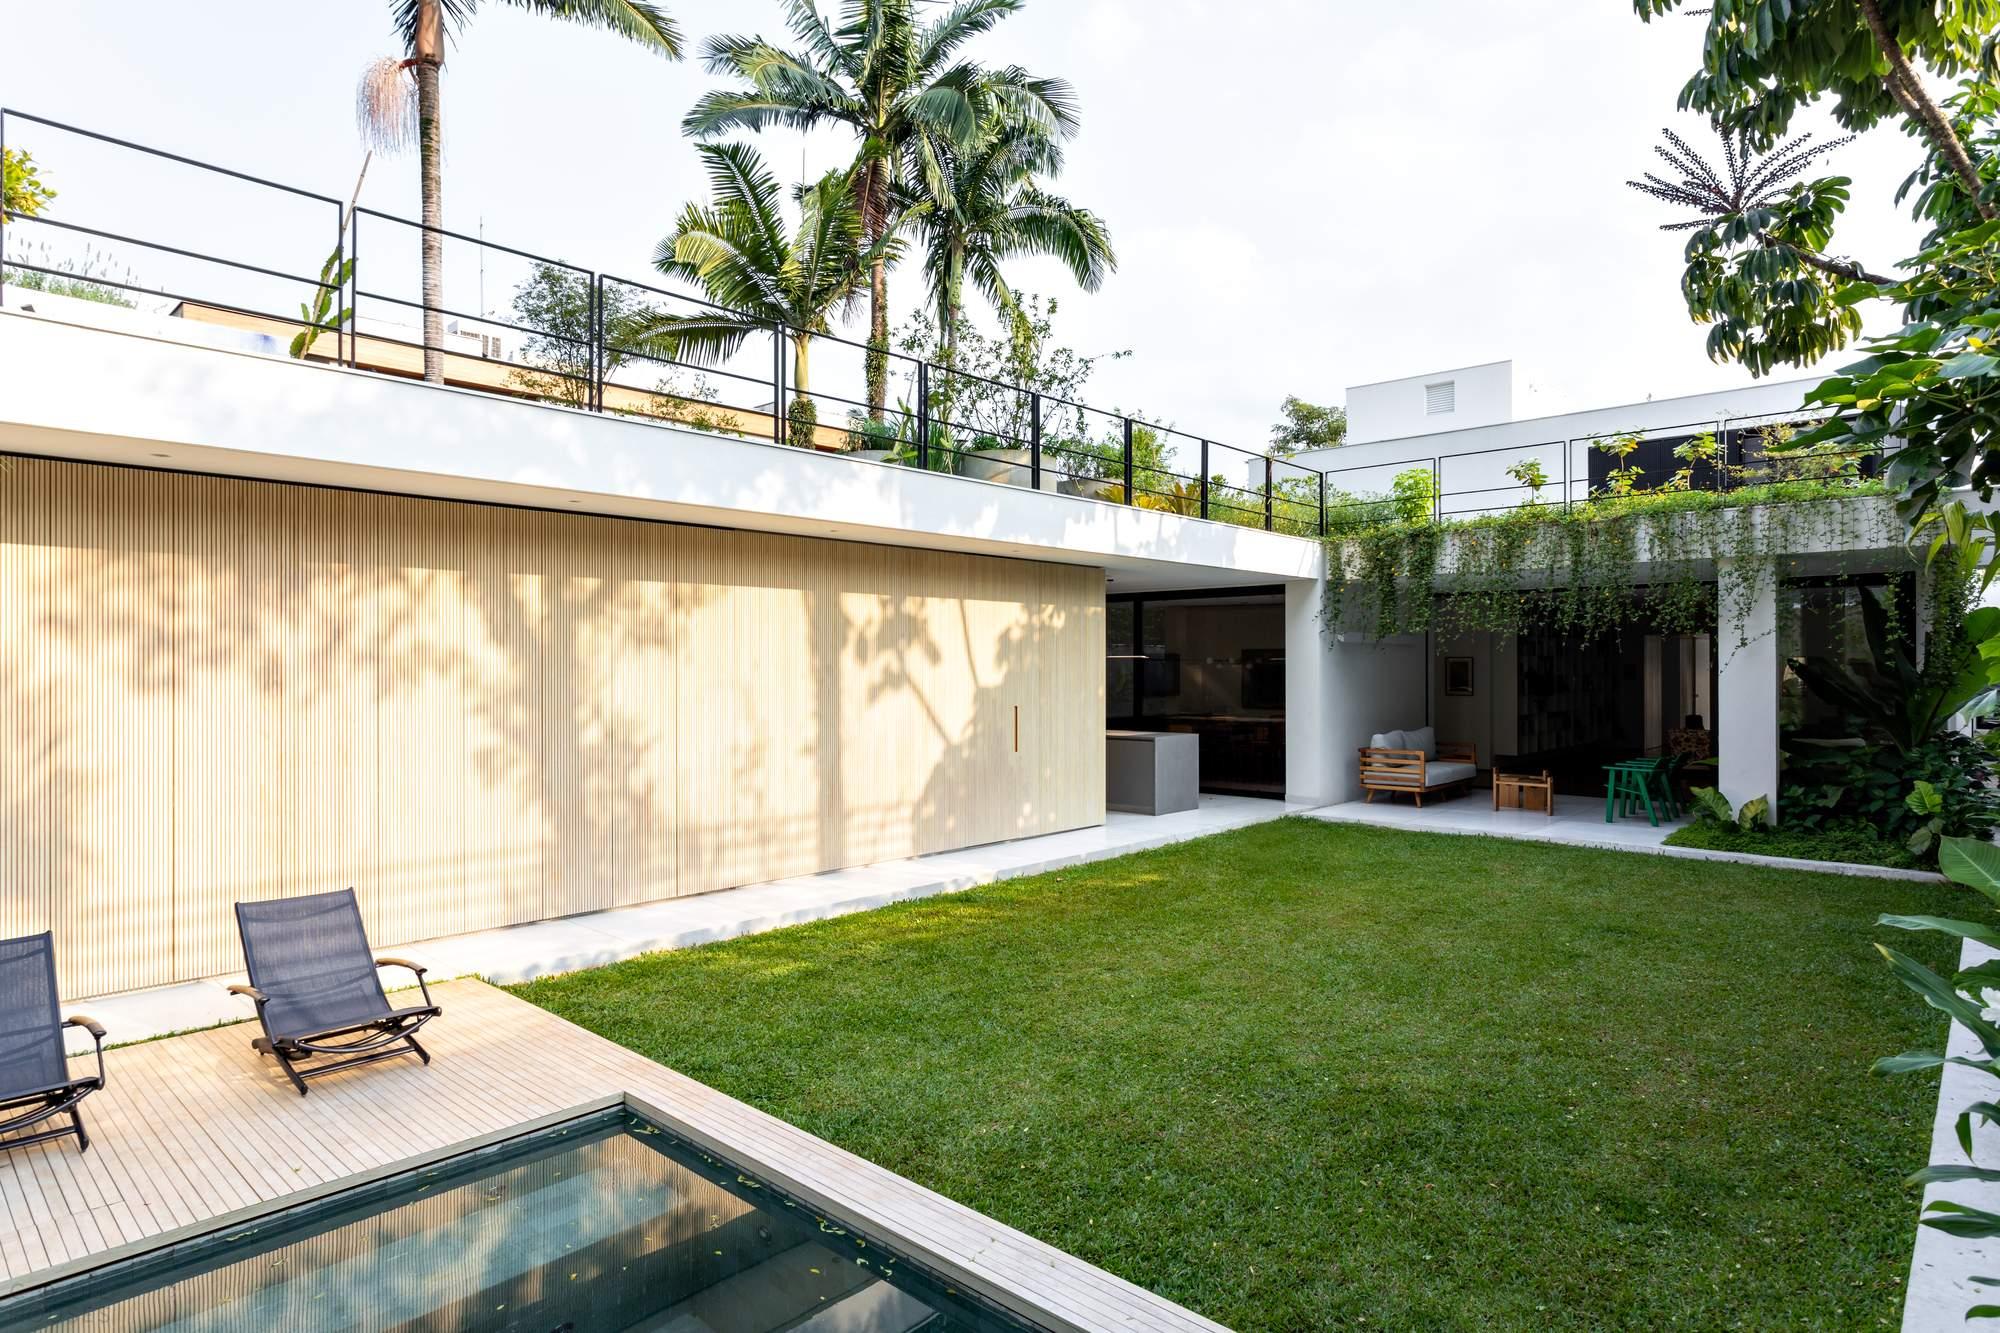 Современная резиденция с двухъярусным внутренним двориком, Бразилия